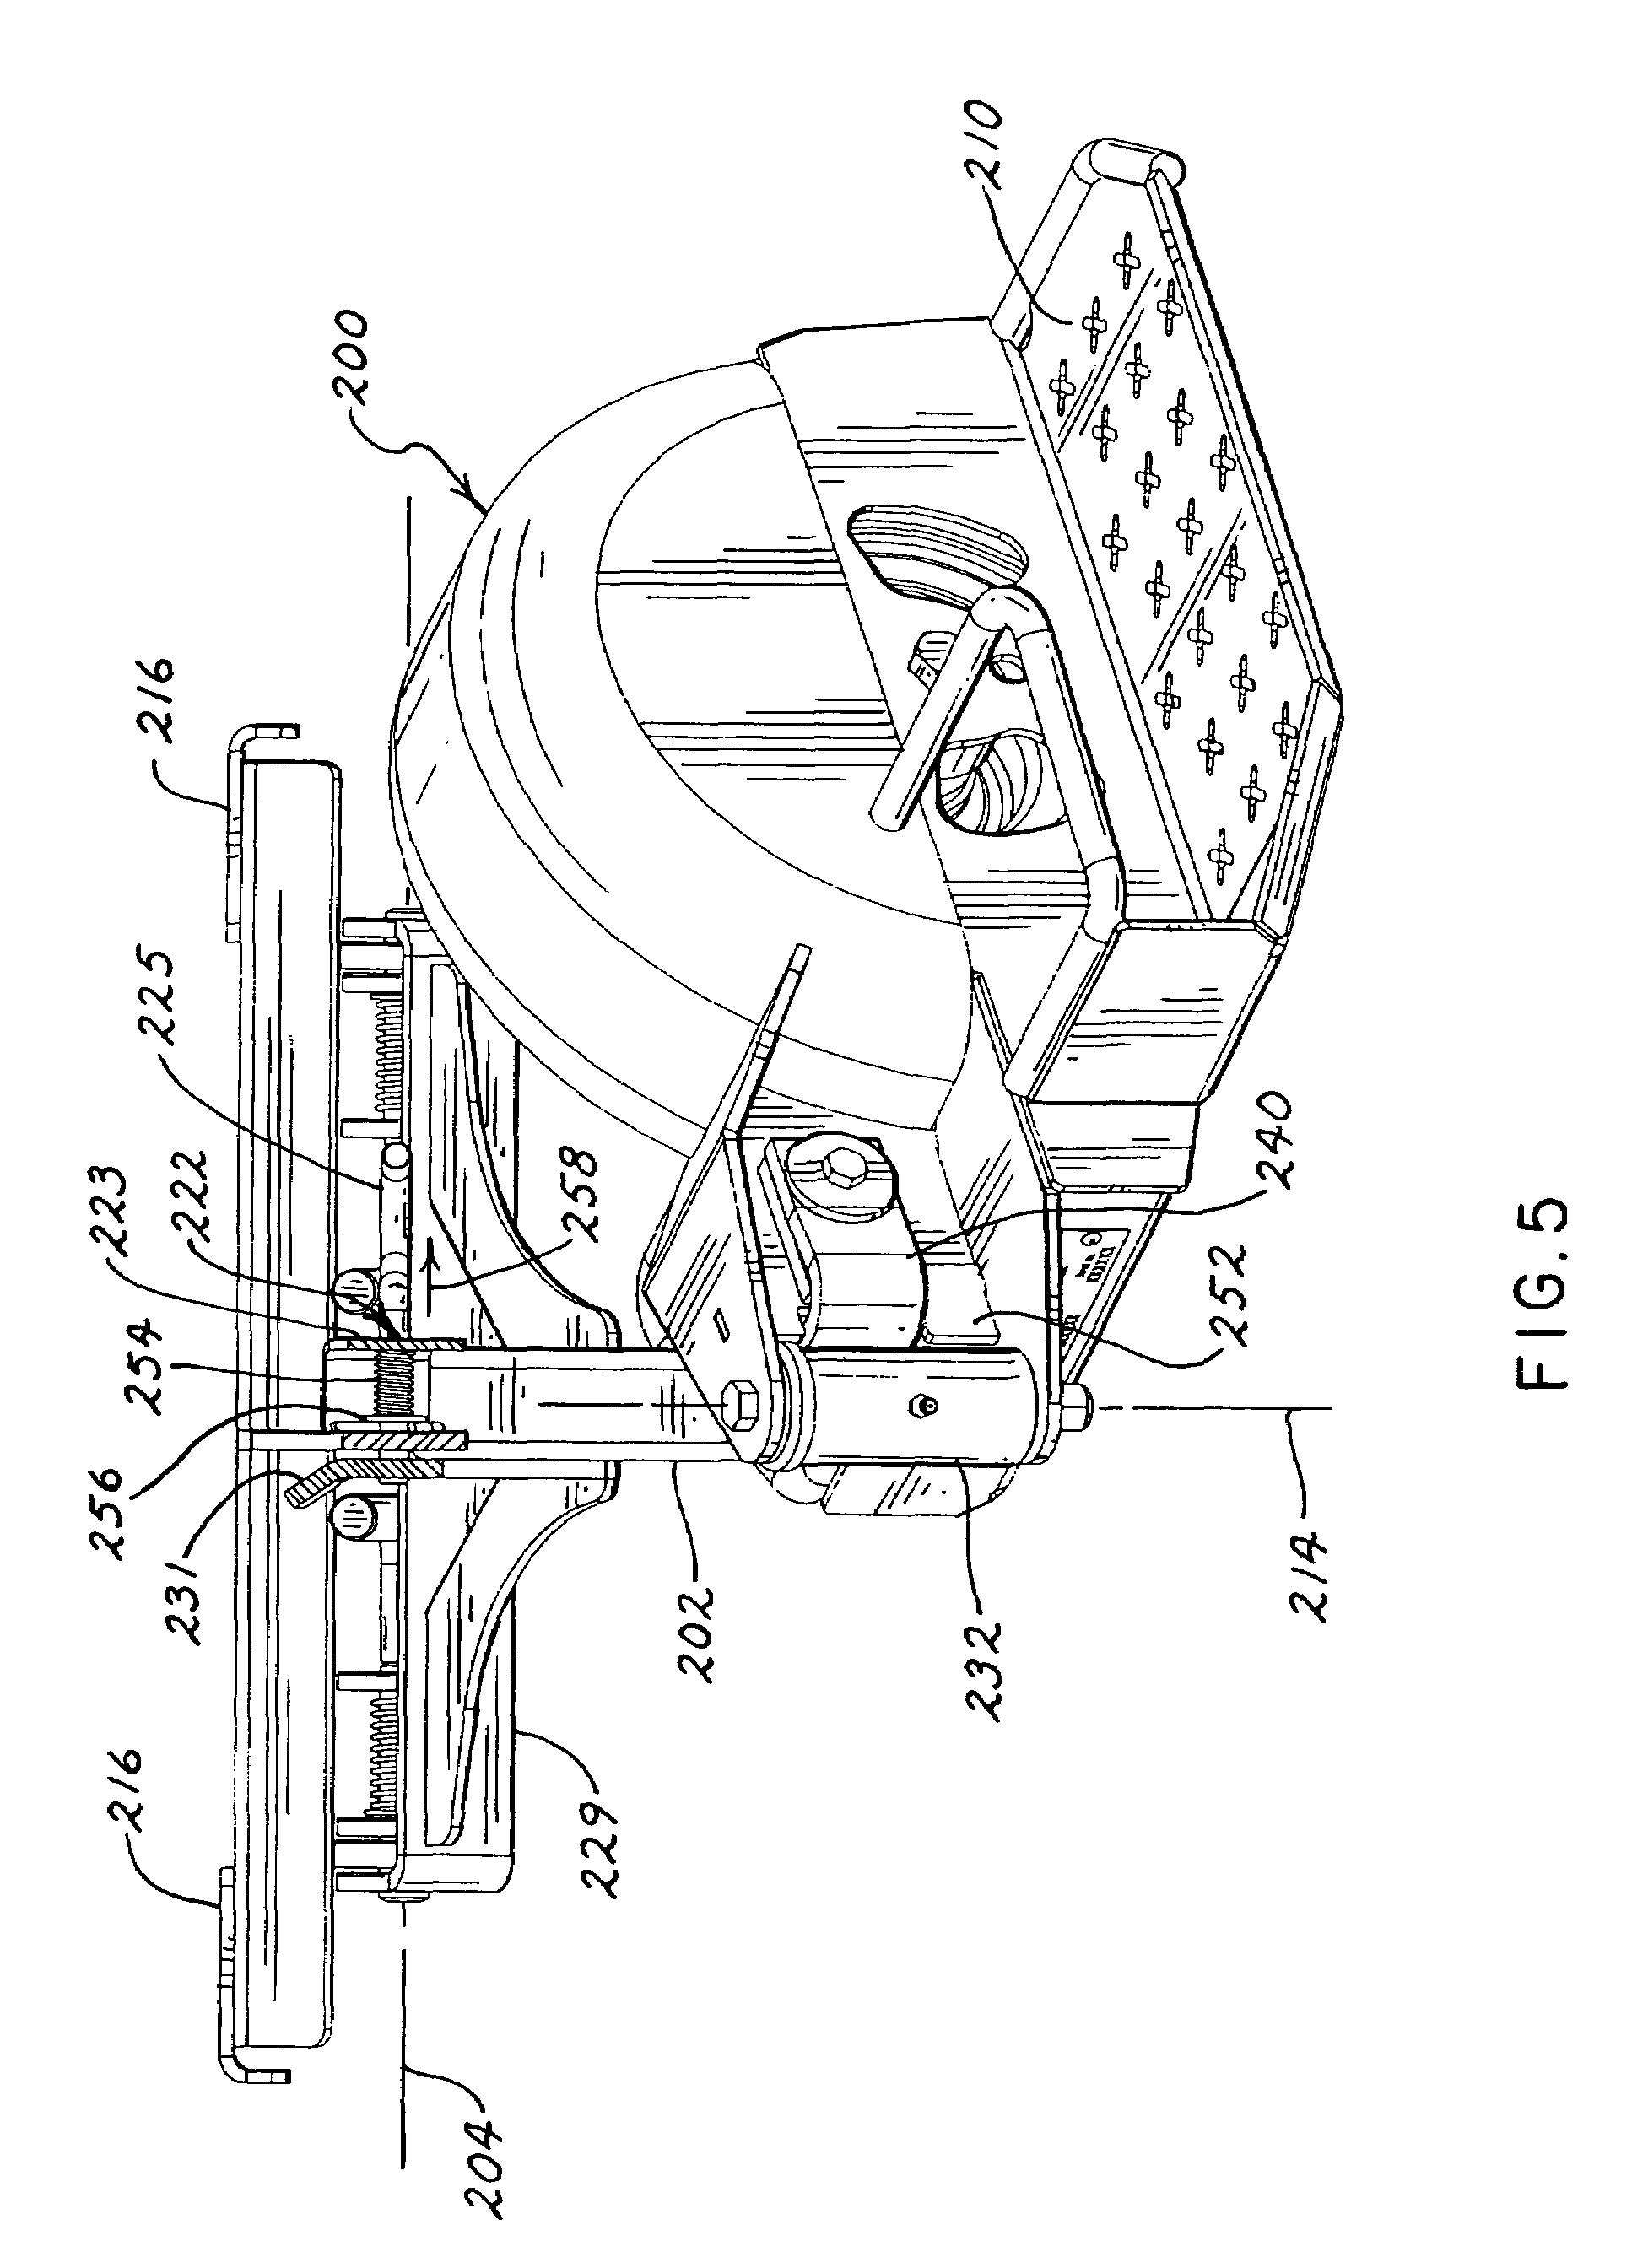 patent us7527285